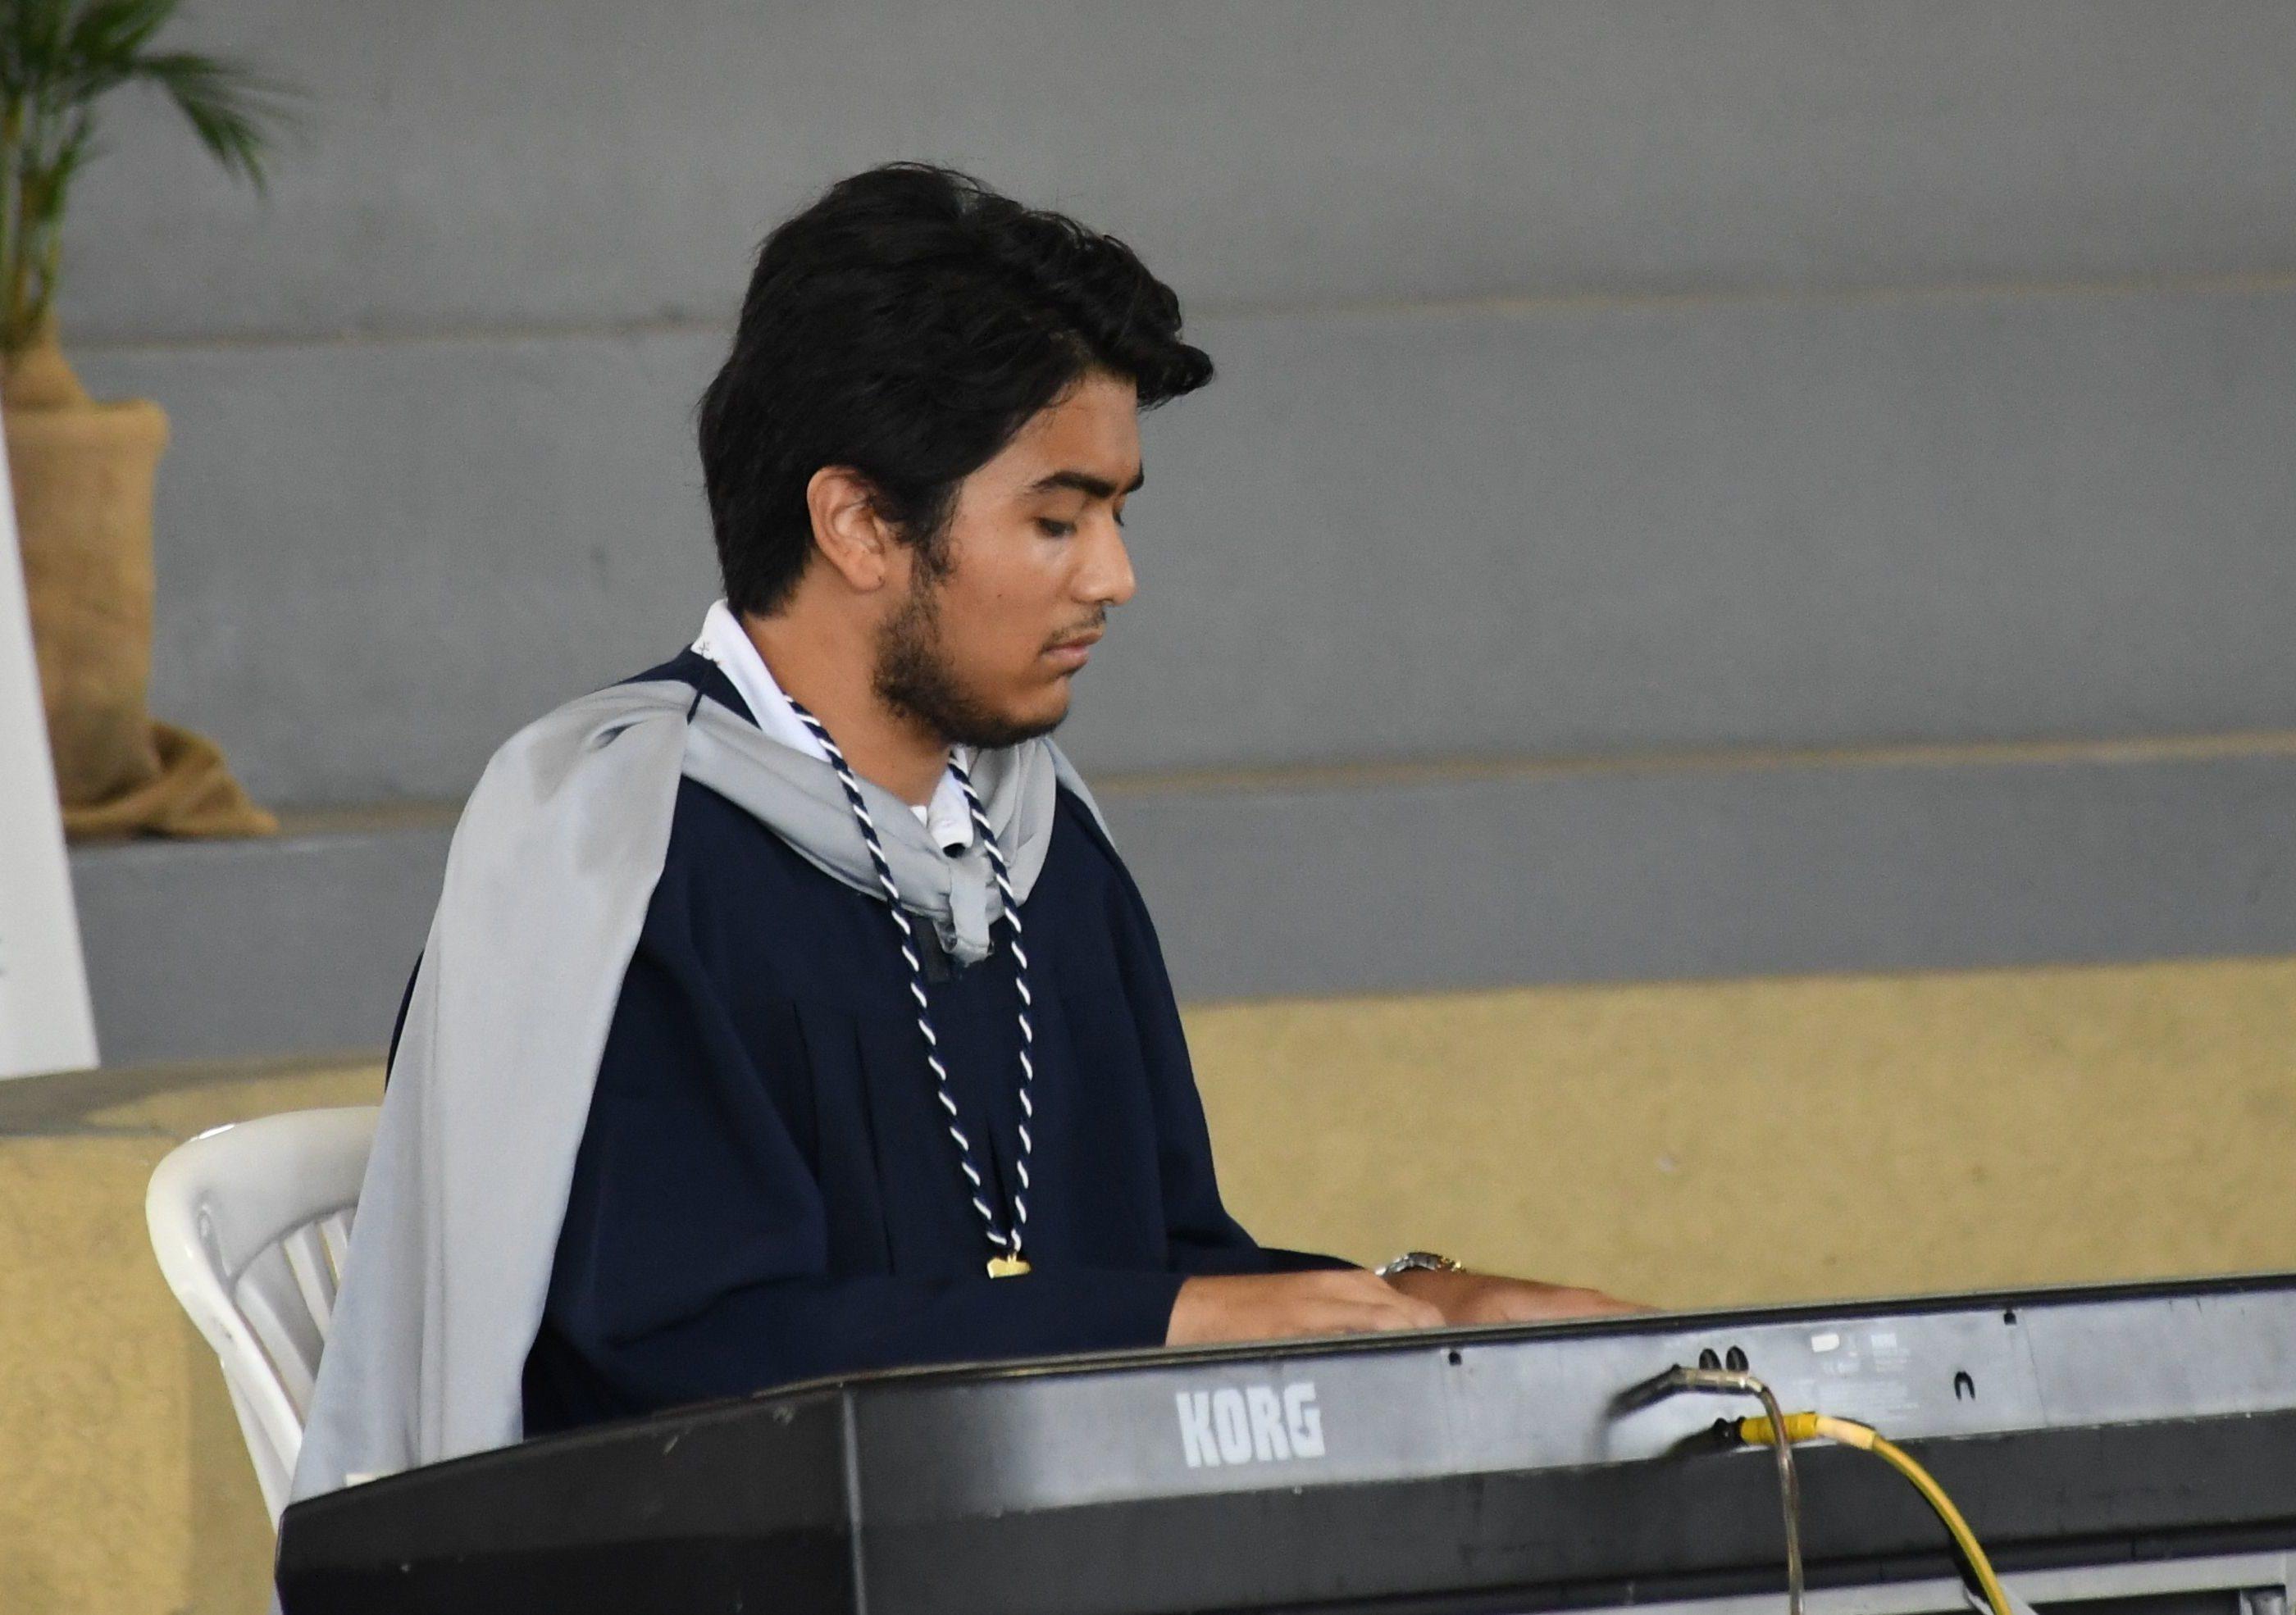 Participaci¢n Musical en piano por Mario Canessa